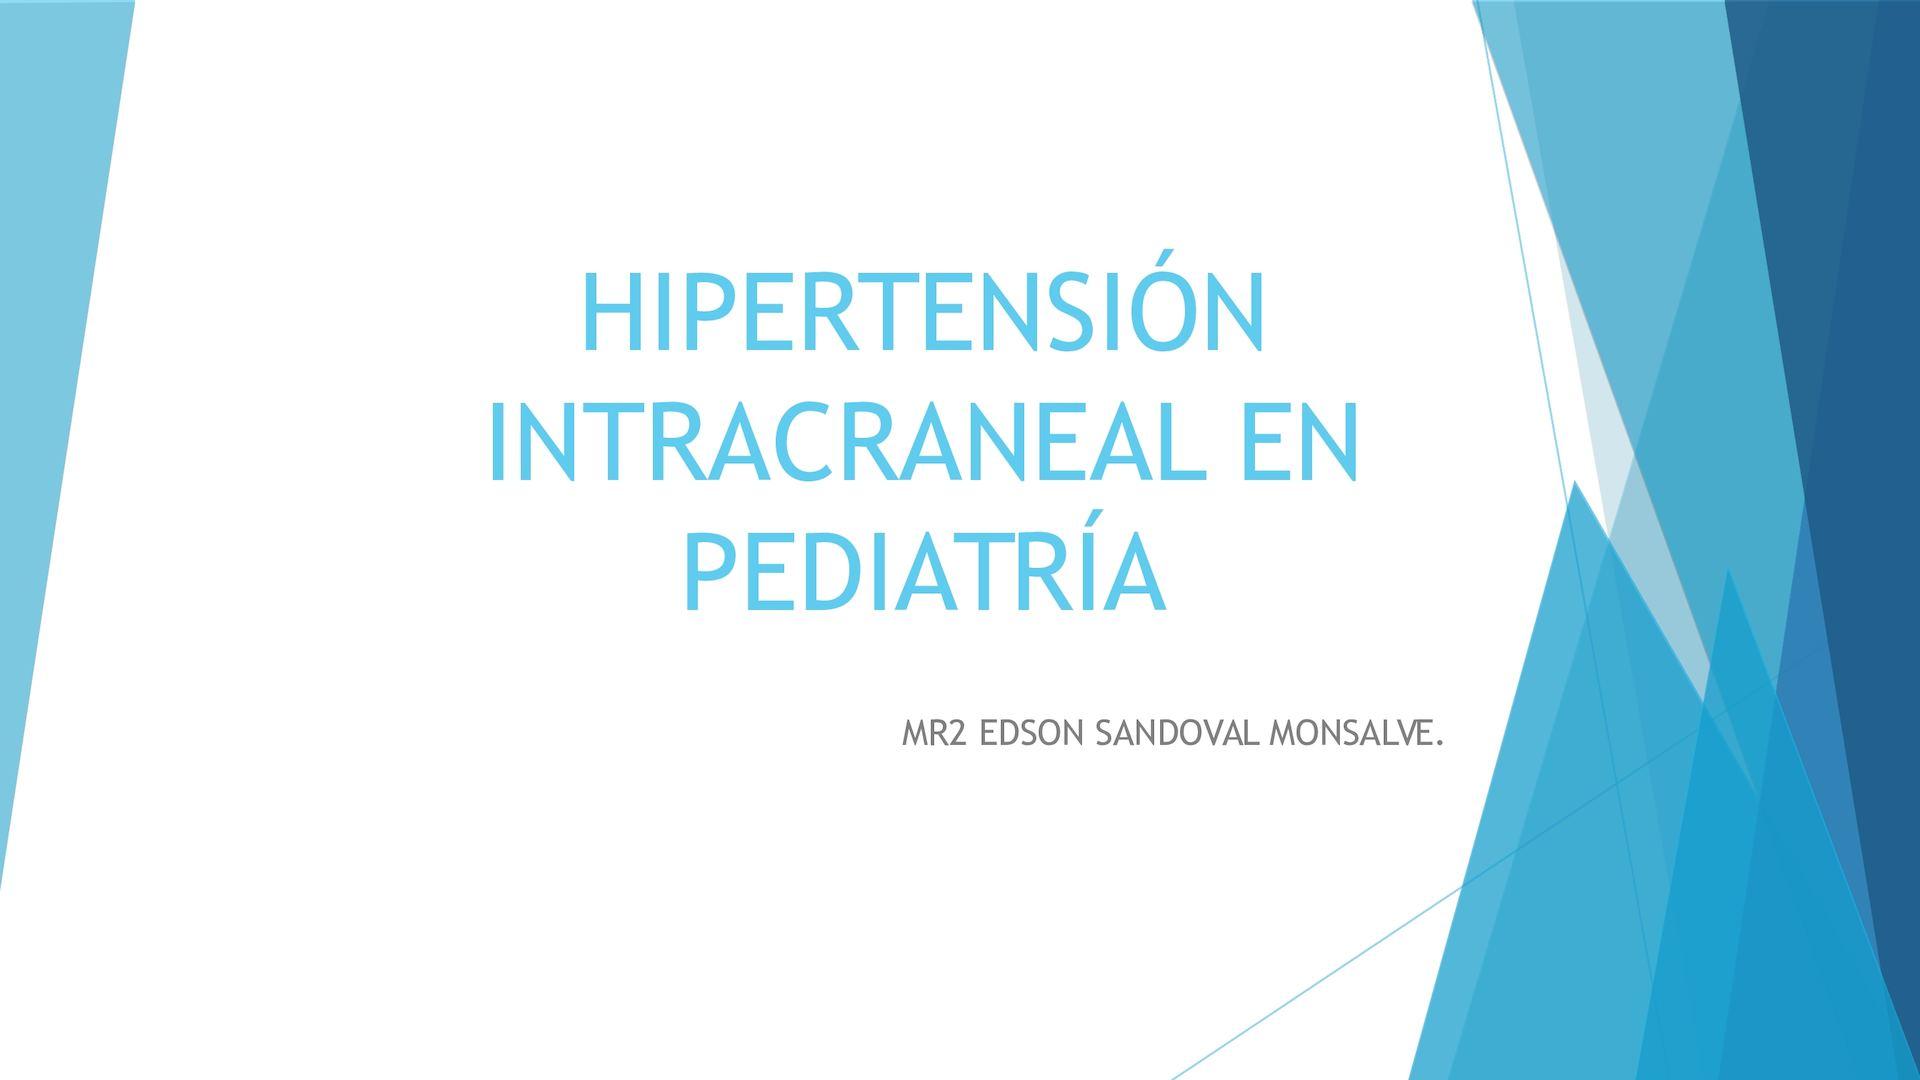 Hemorragia intracraneal e hipertensión intracraneal